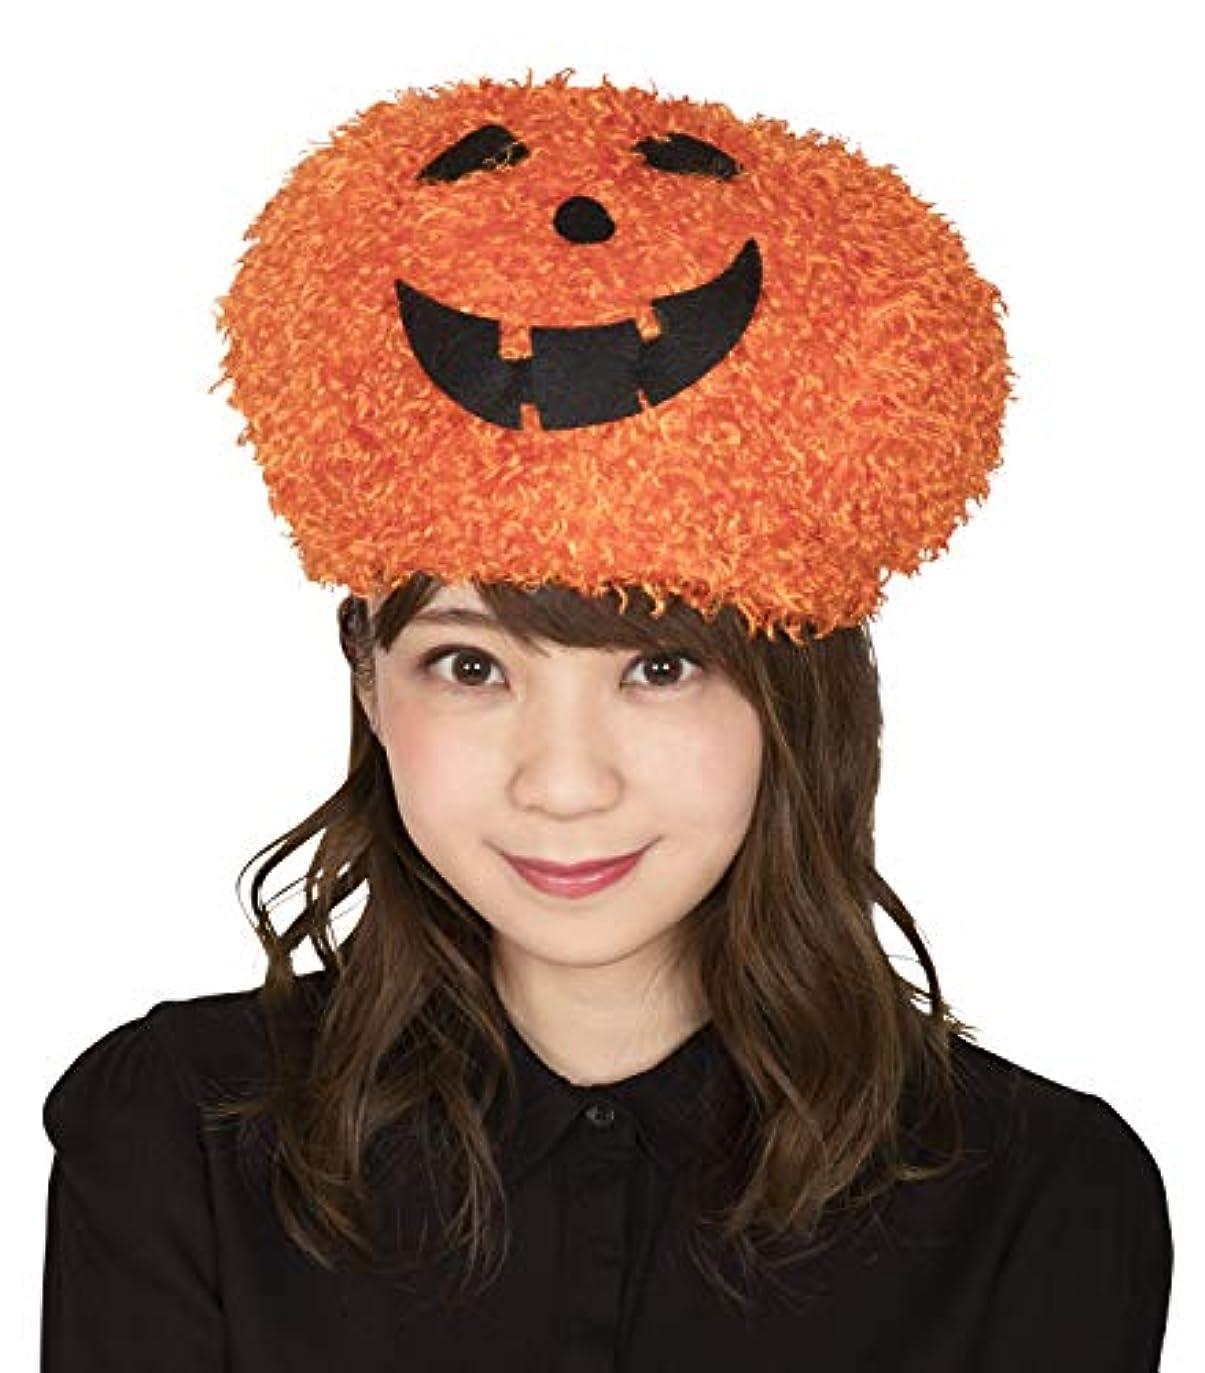 クリスチャン不一致フェリーハロウィンパンプキンアフロ パンプキン かぼちゃ コスプレ レディース